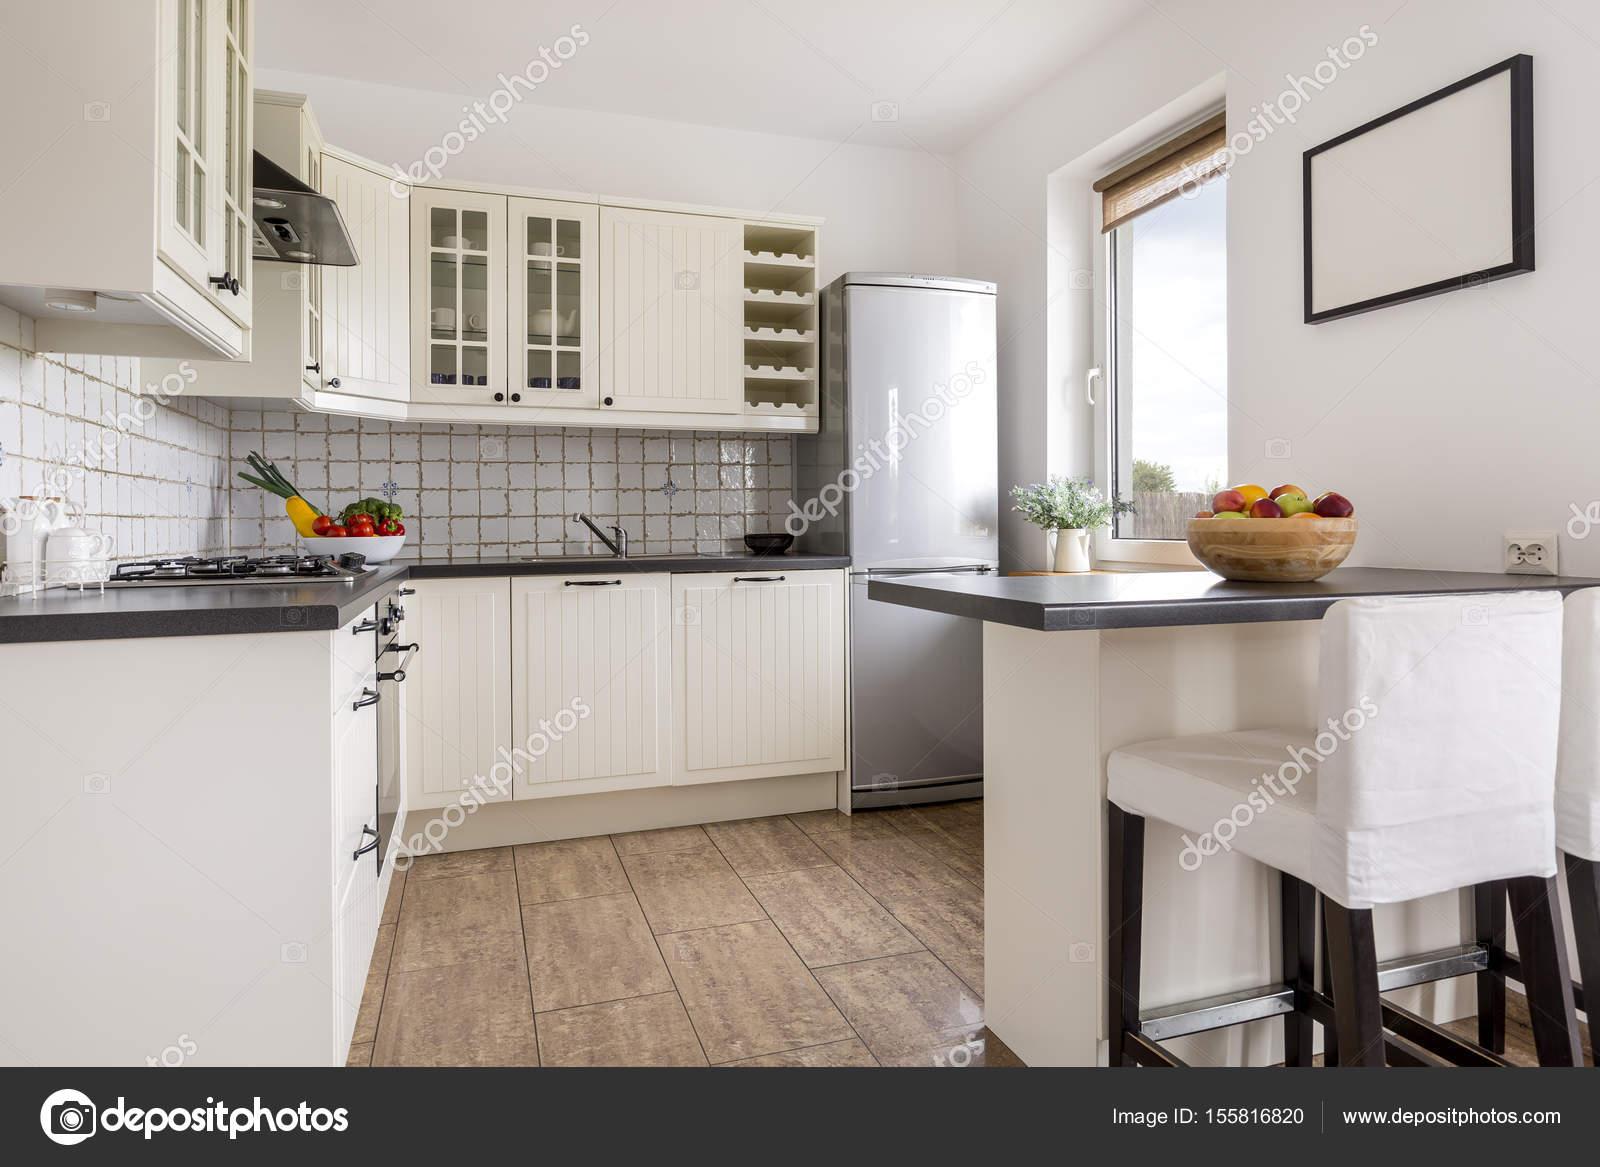 Cozinha Moderna Com Pintura Na Parede Fotografias De Stock